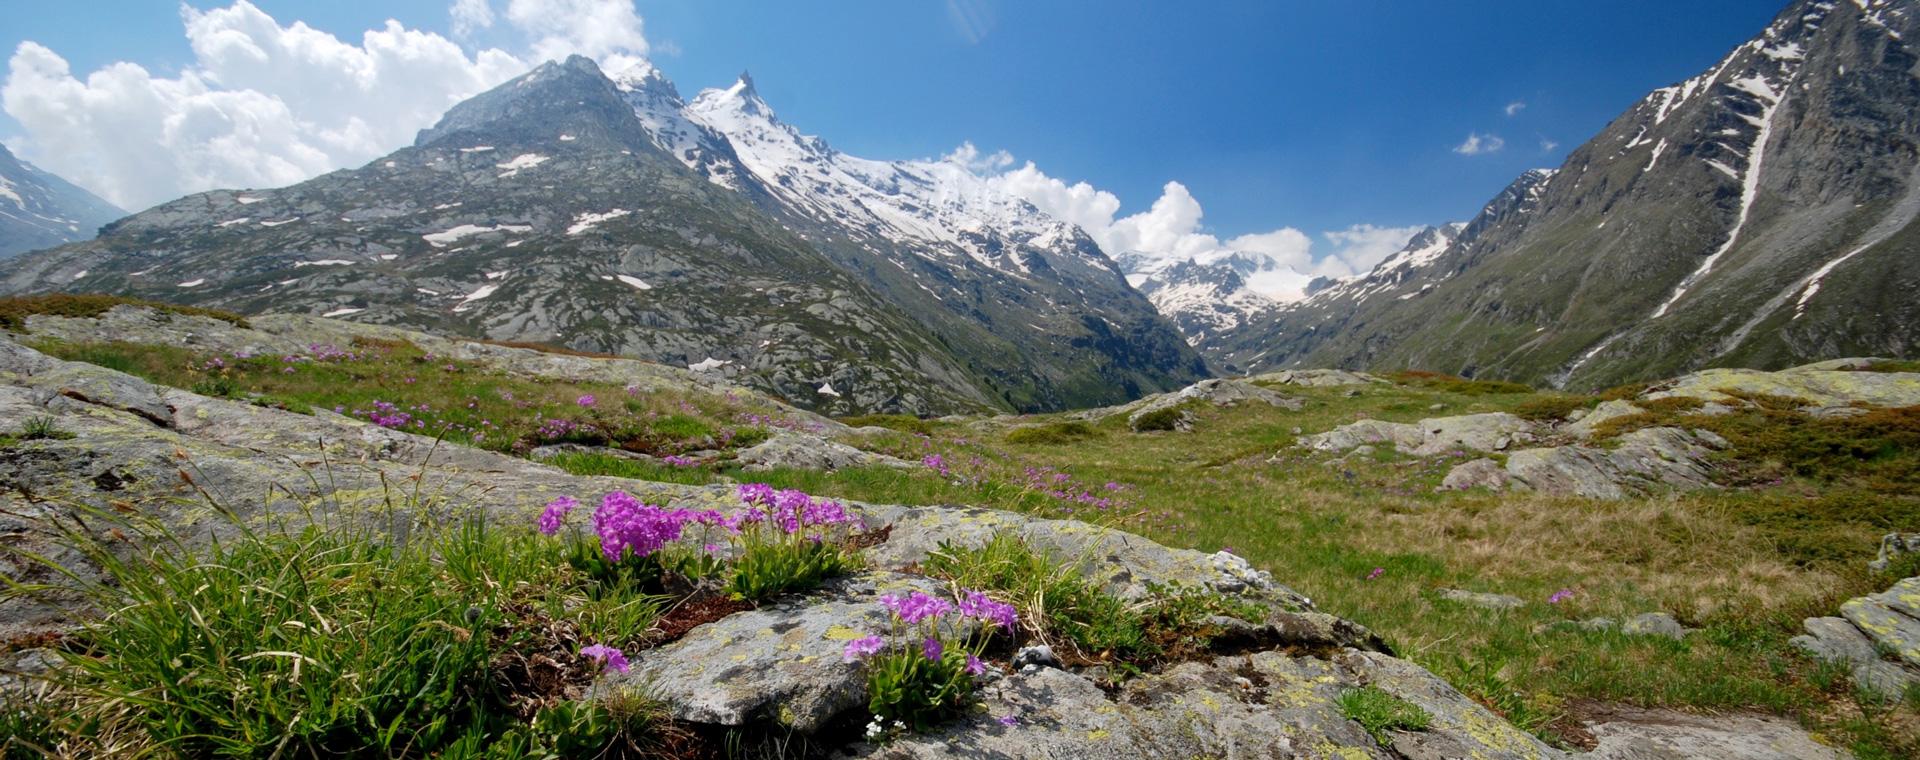 Image Savoie : Le Chemin du Petit Bonheur